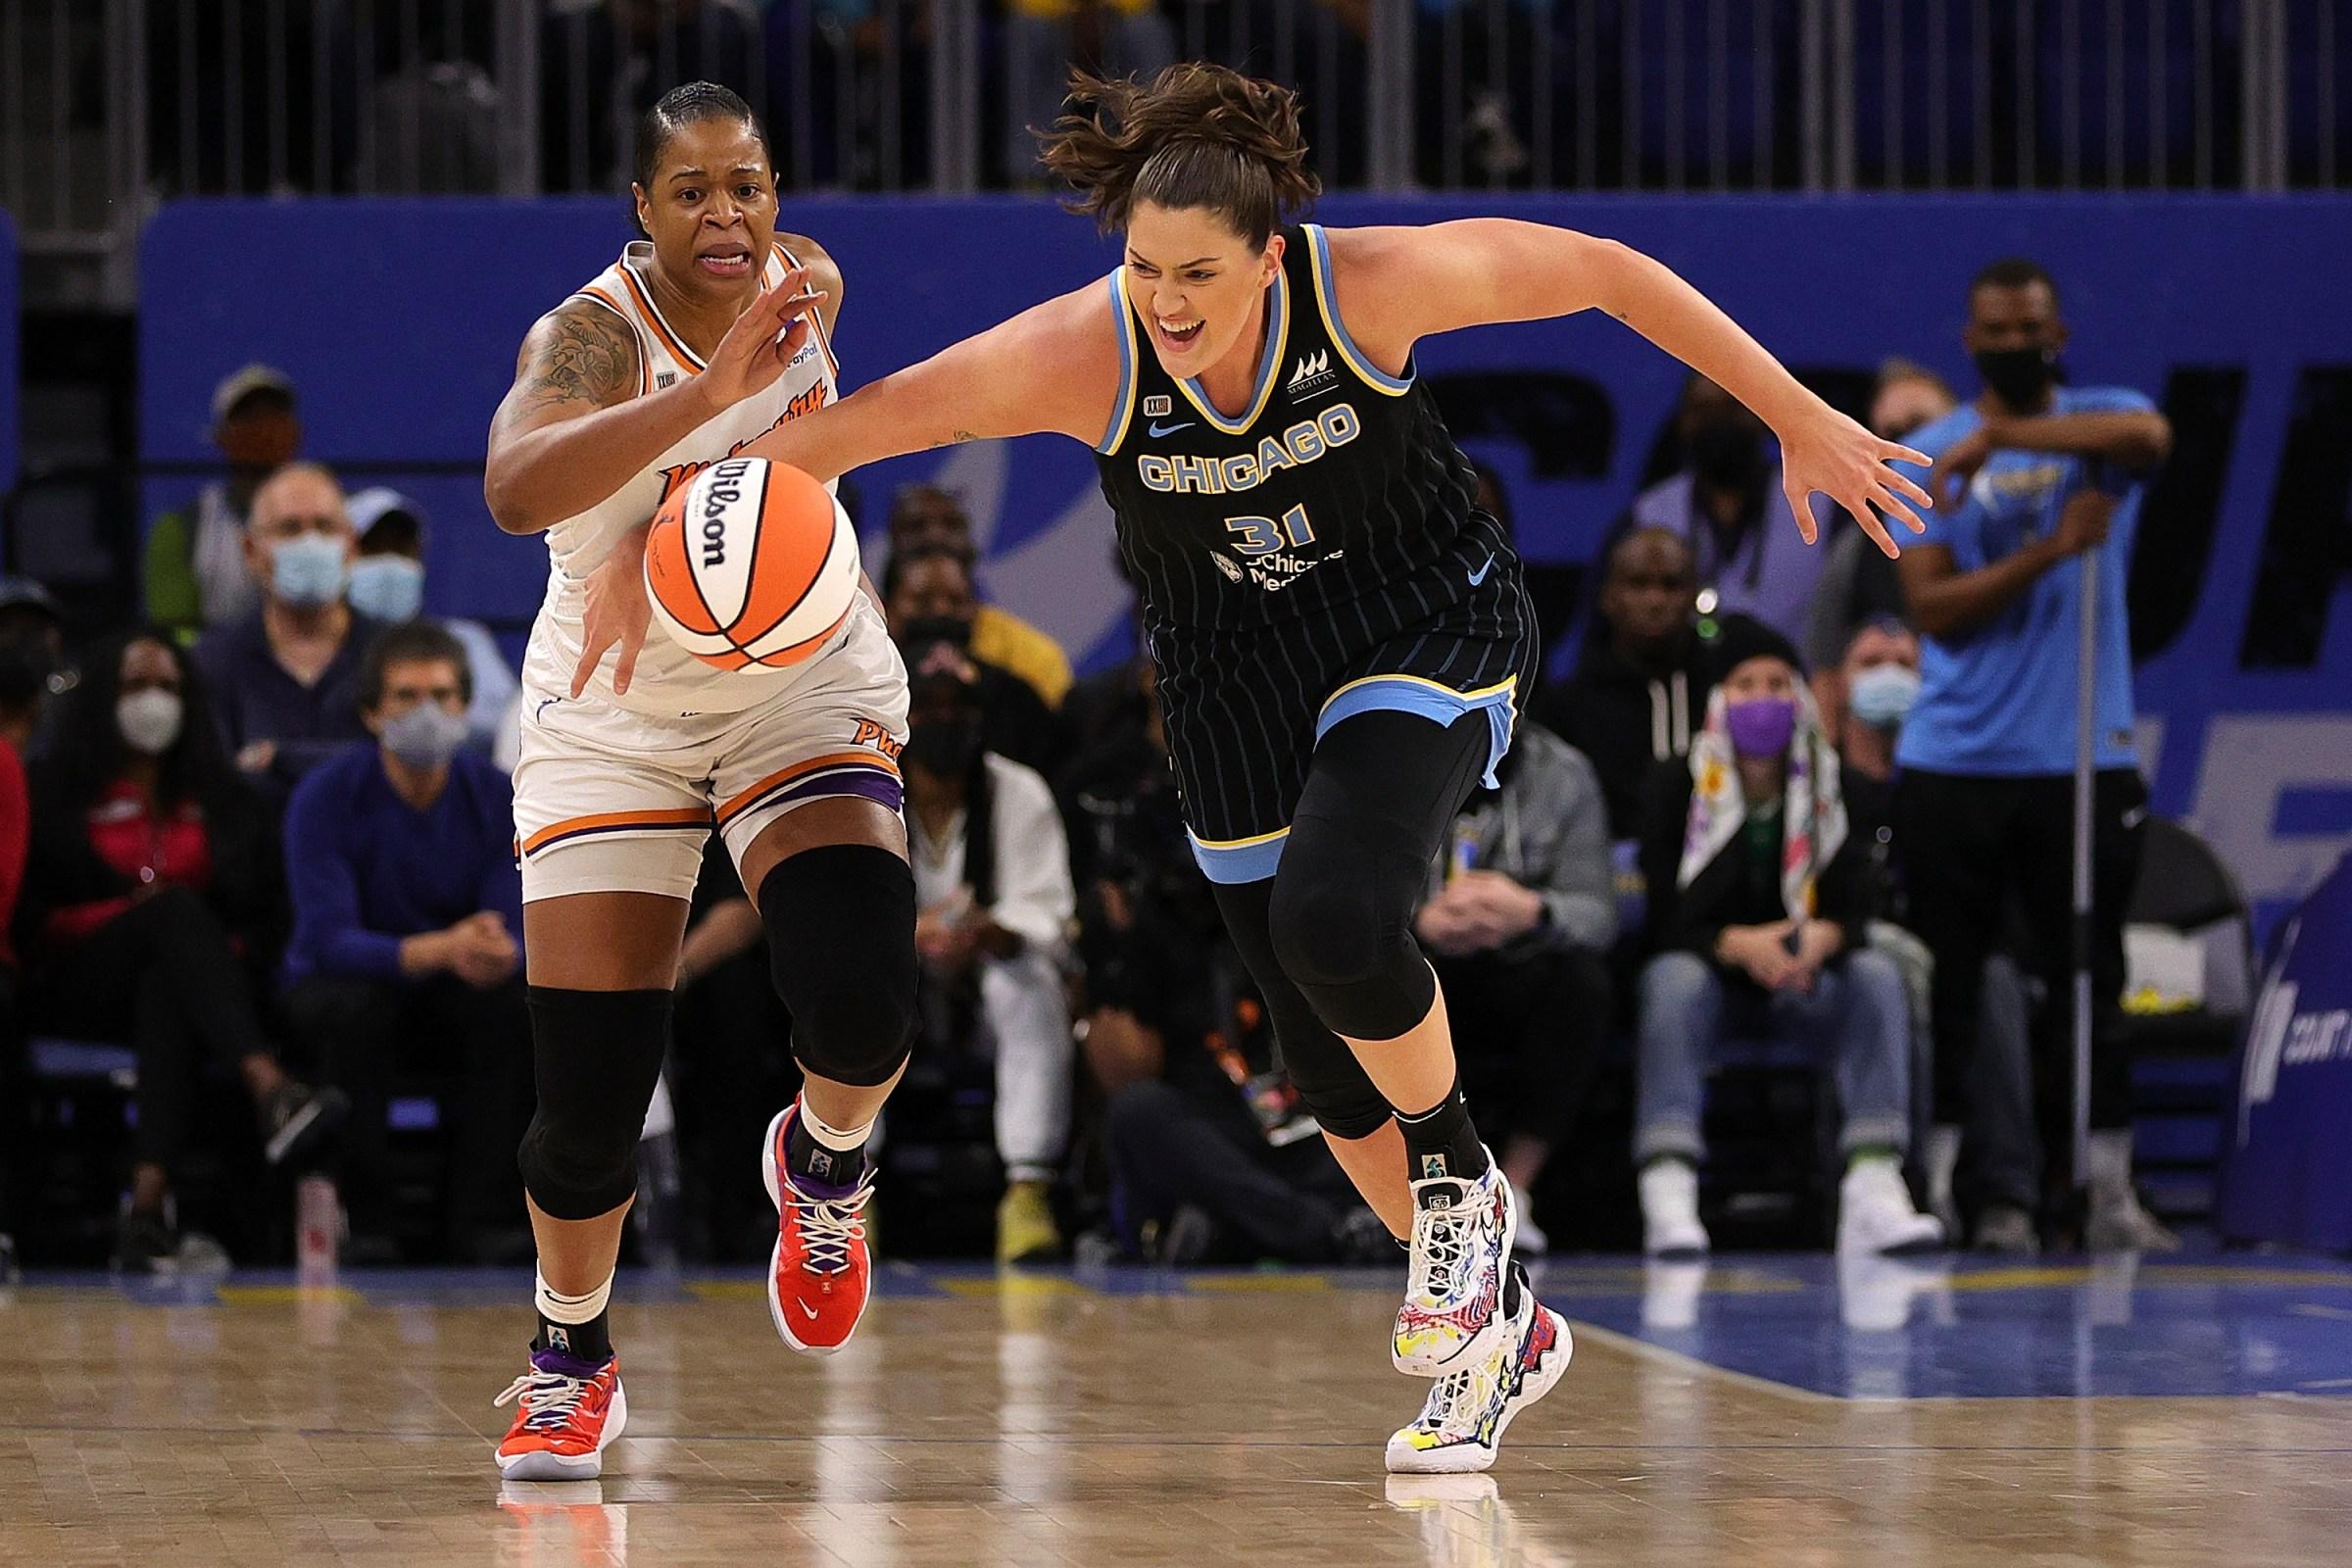 Kia Vaughn and Stefanie Dolson chase a loose ball